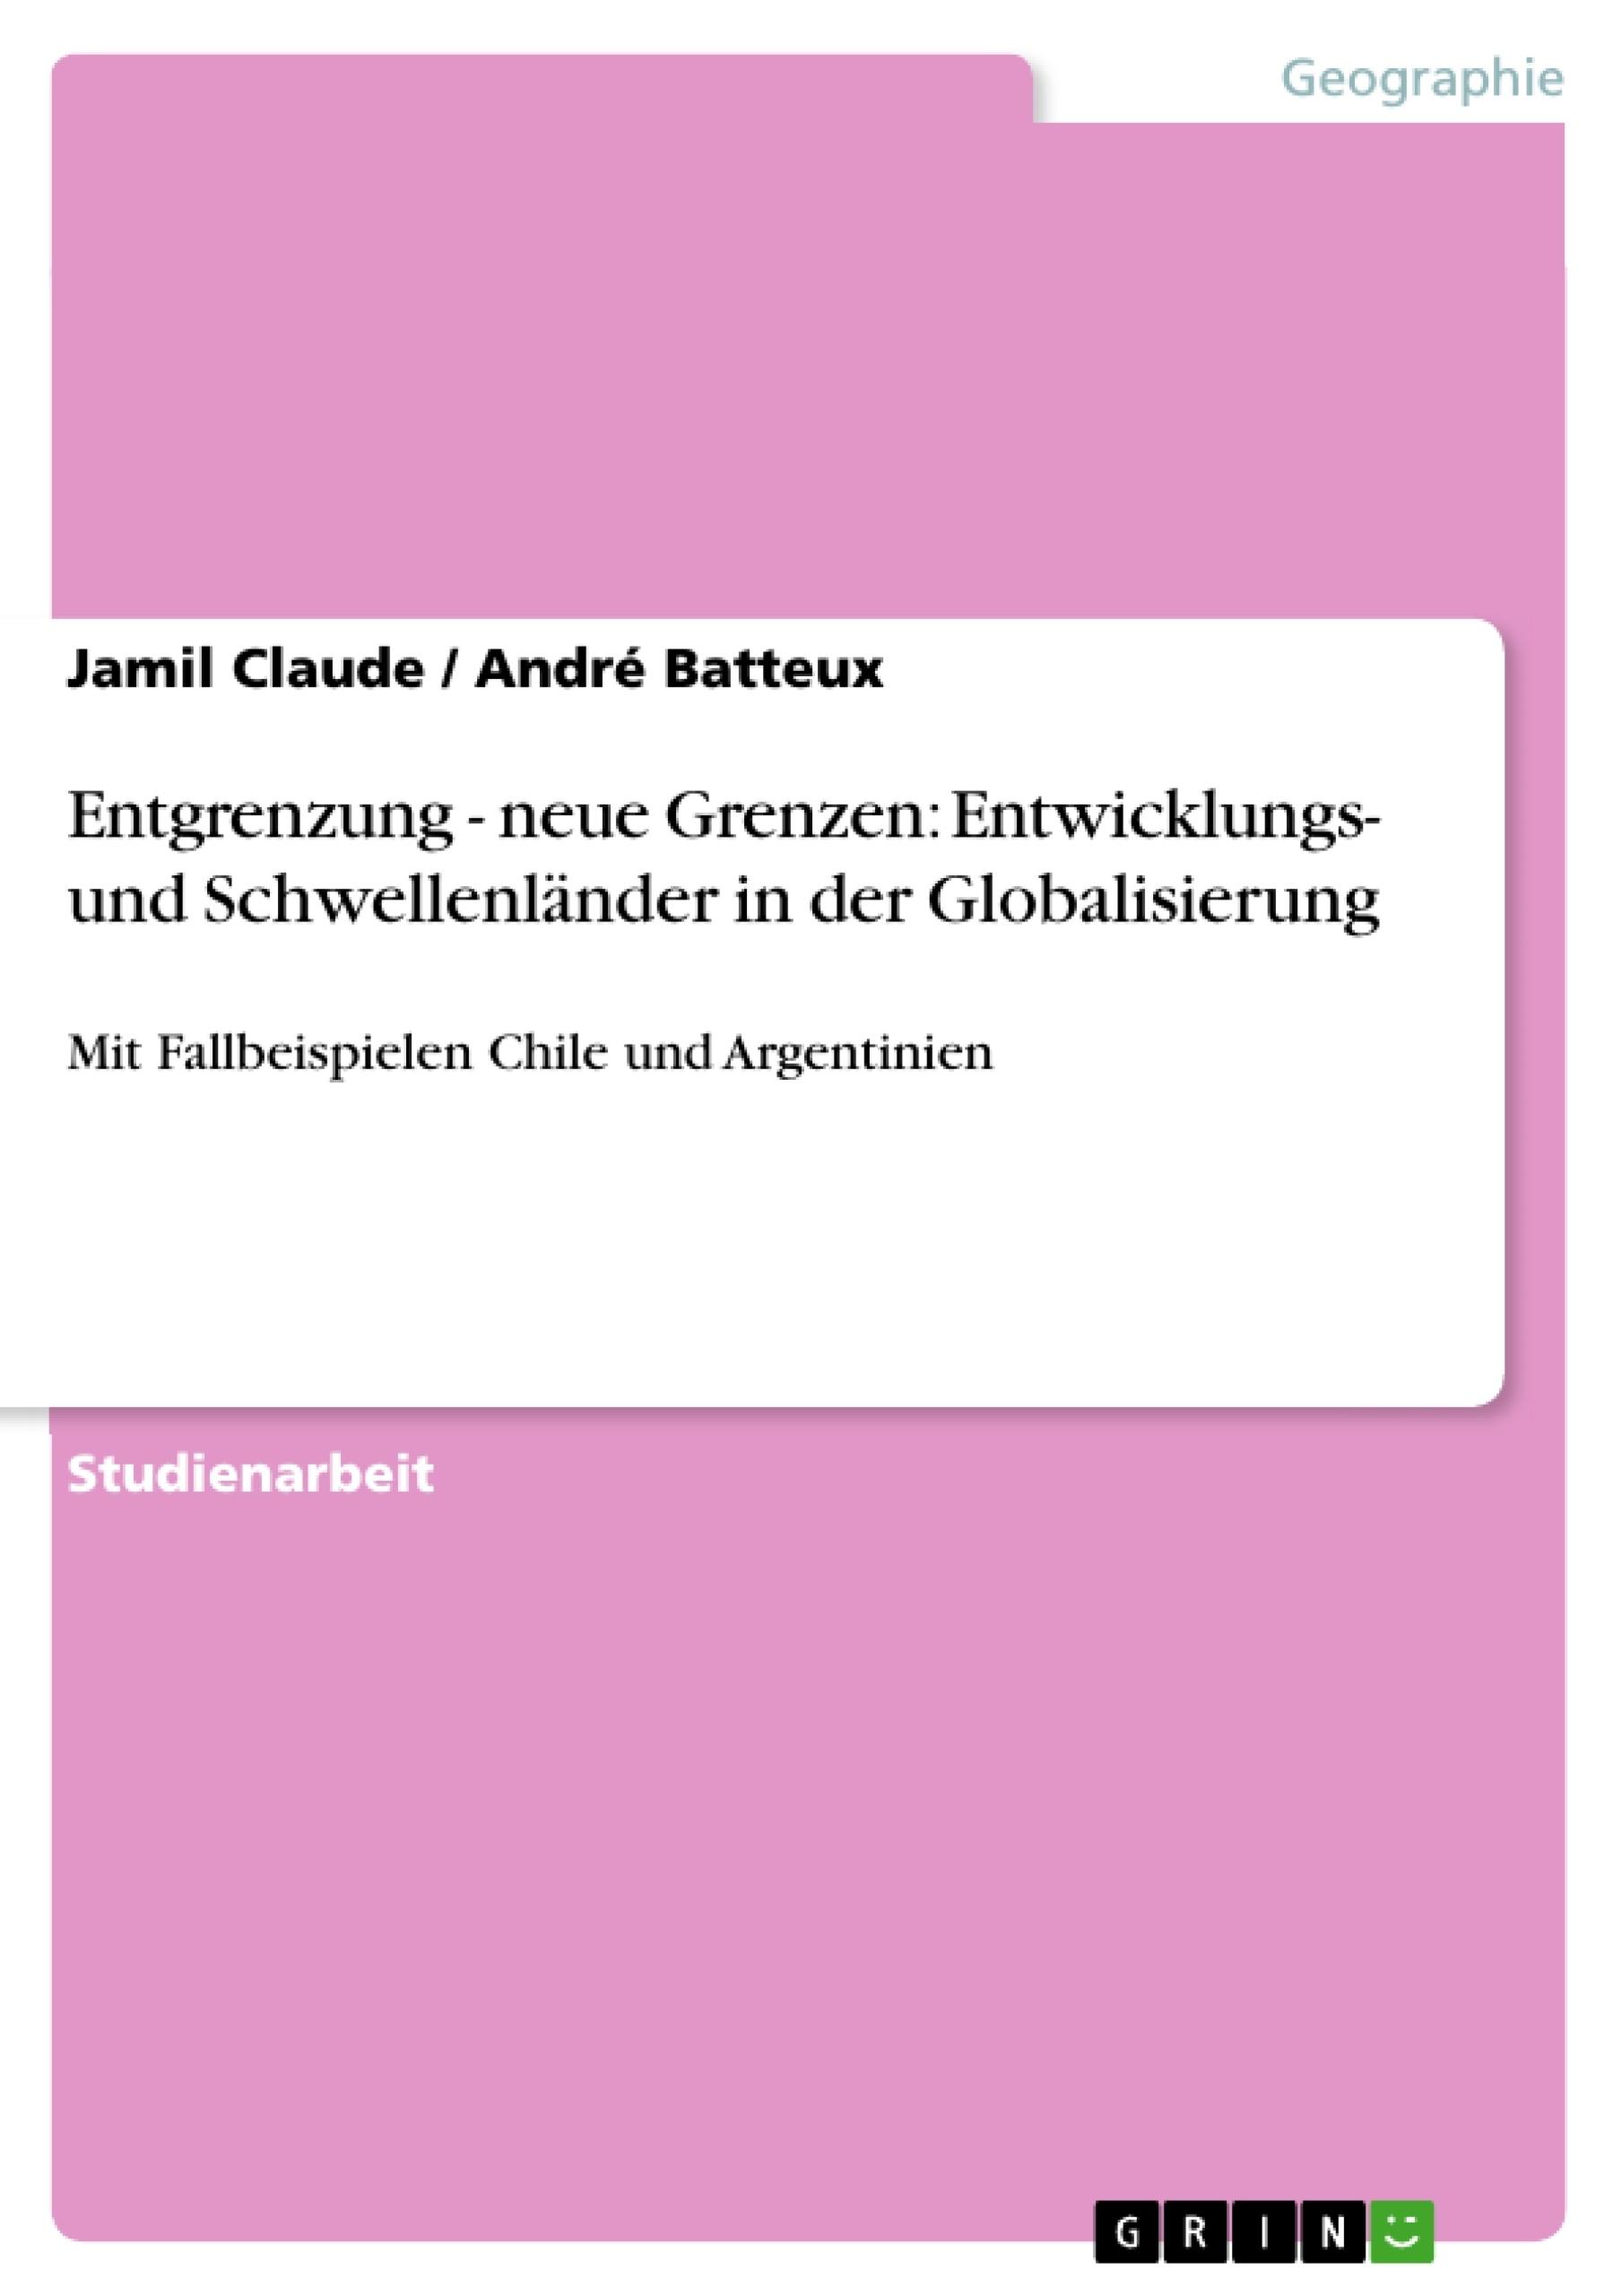 Titel: Entgrenzung - neue Grenzen: Entwicklungs- und Schwellenländer in der Globalisierung